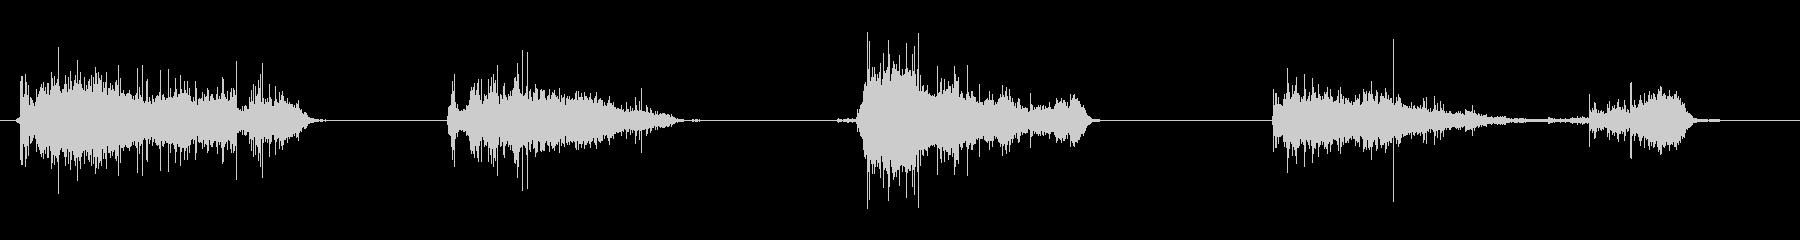 ほうきをかける効果音 03の未再生の波形